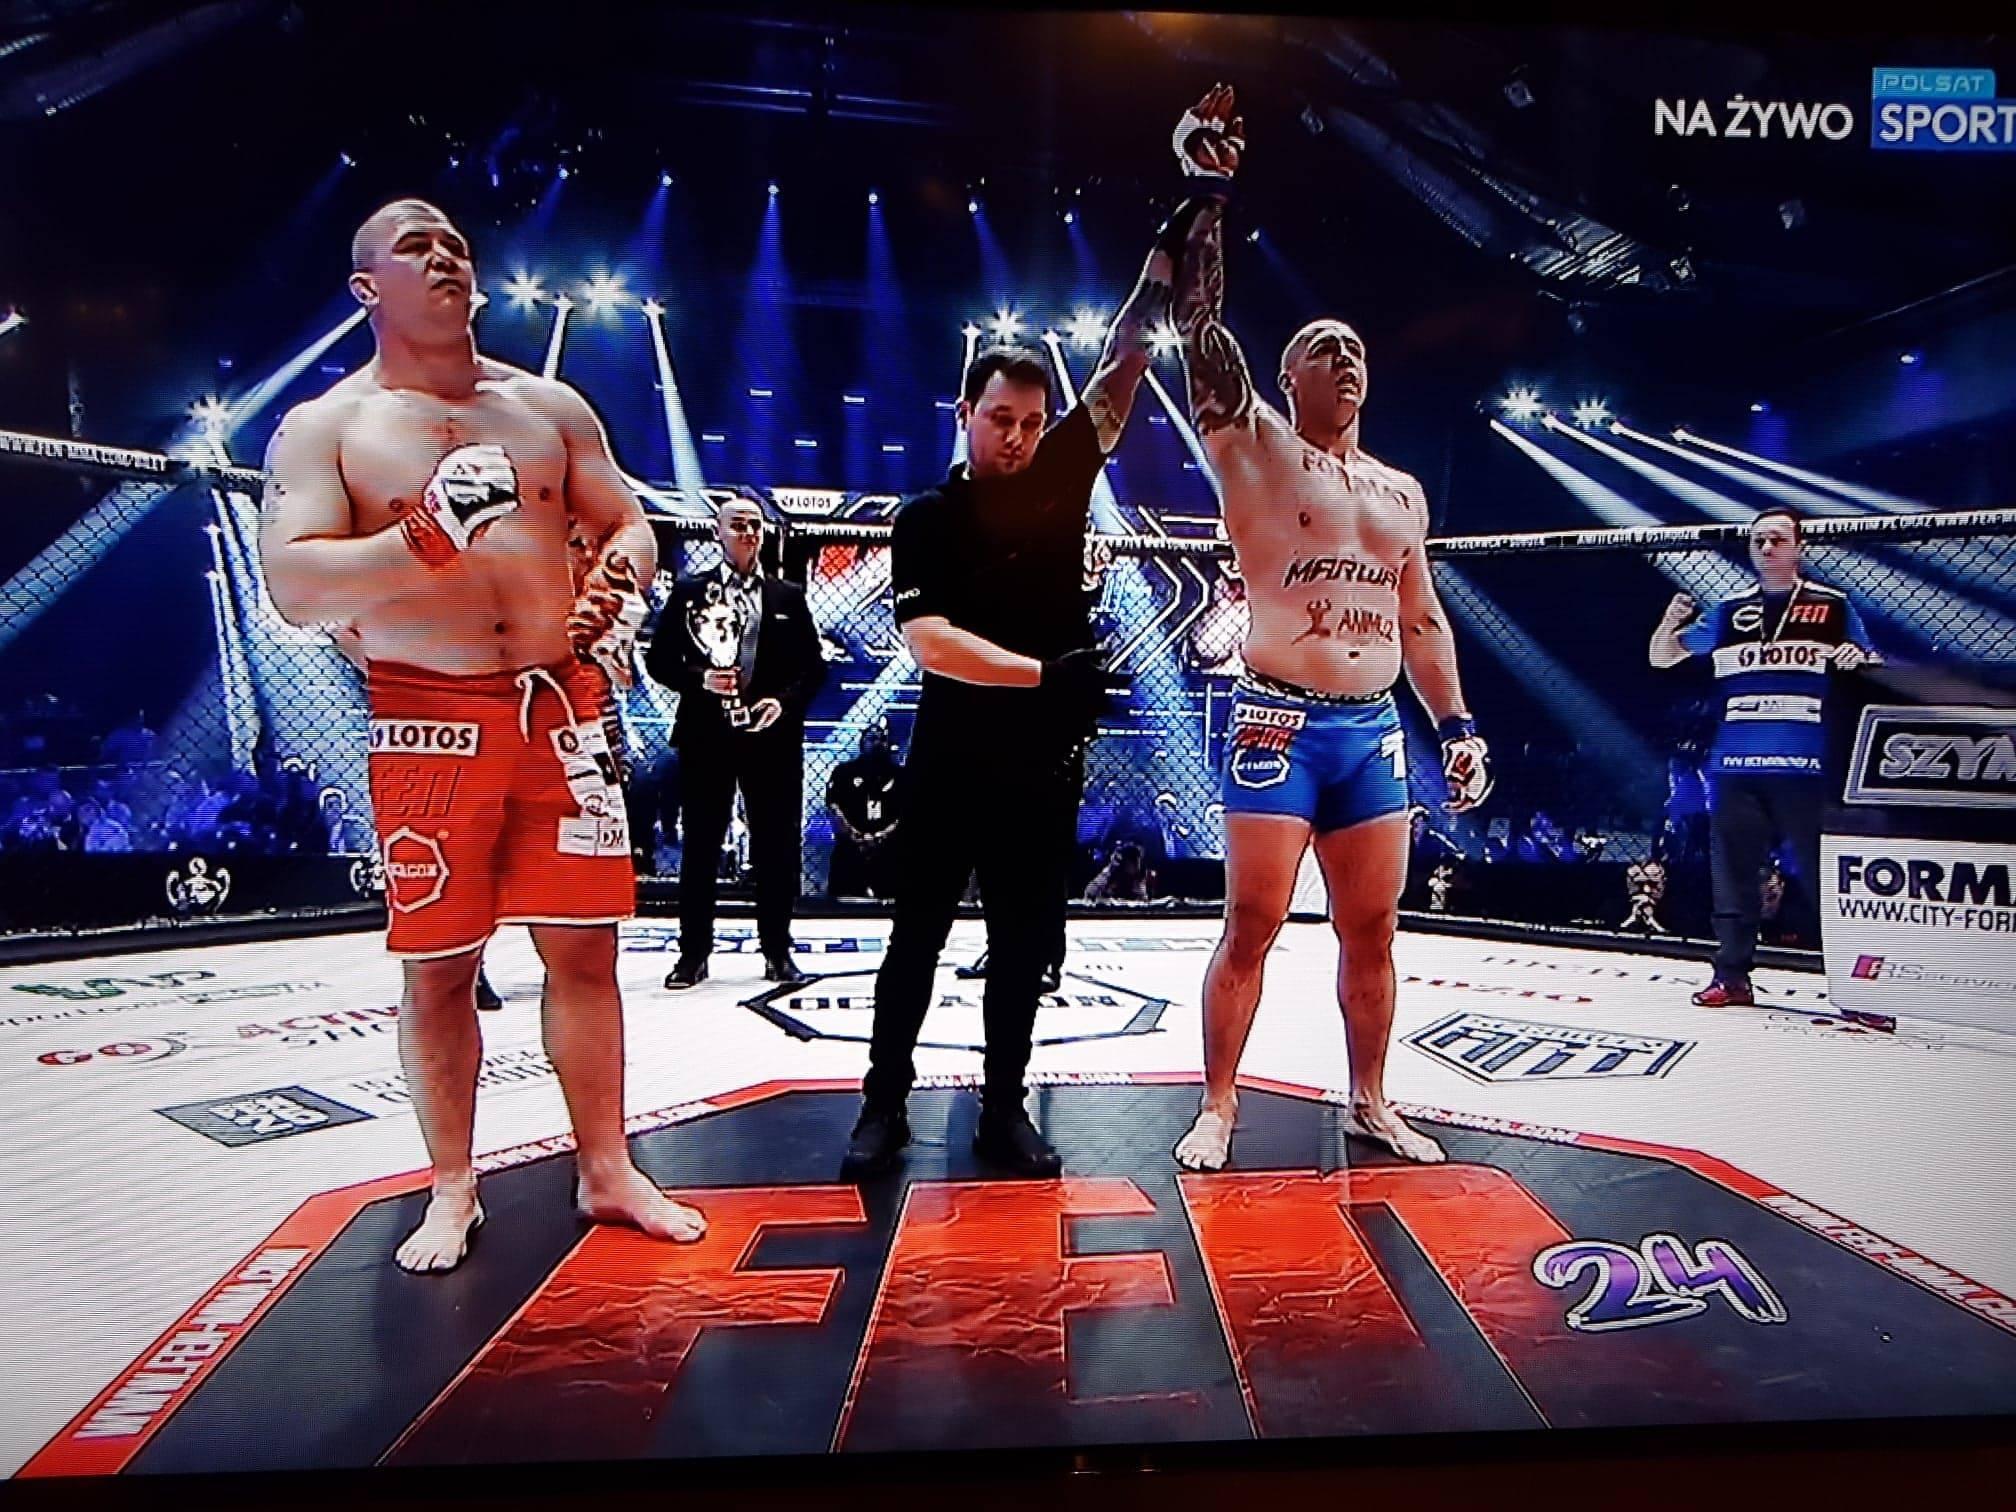 Szymon Bajor zwycięzcą pojedynku na gali FEN 24 w Warszawie - Zdjęcie główne